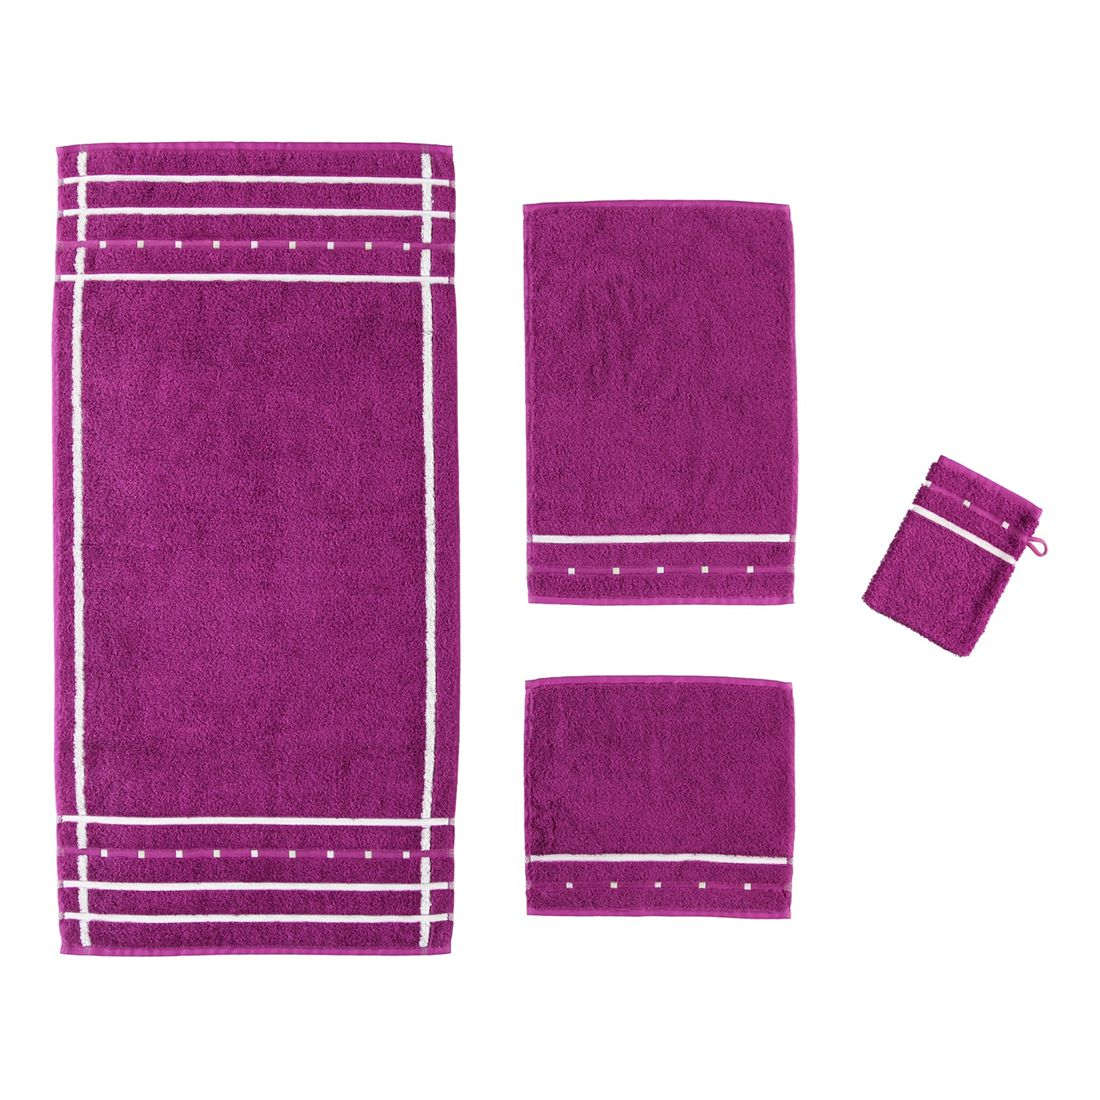 Handtuch Quadrati – 100% Baumwolle Purple/Weiß – 047 – Handtuch: 50 x 100 cm, Vossen jetzt kaufen